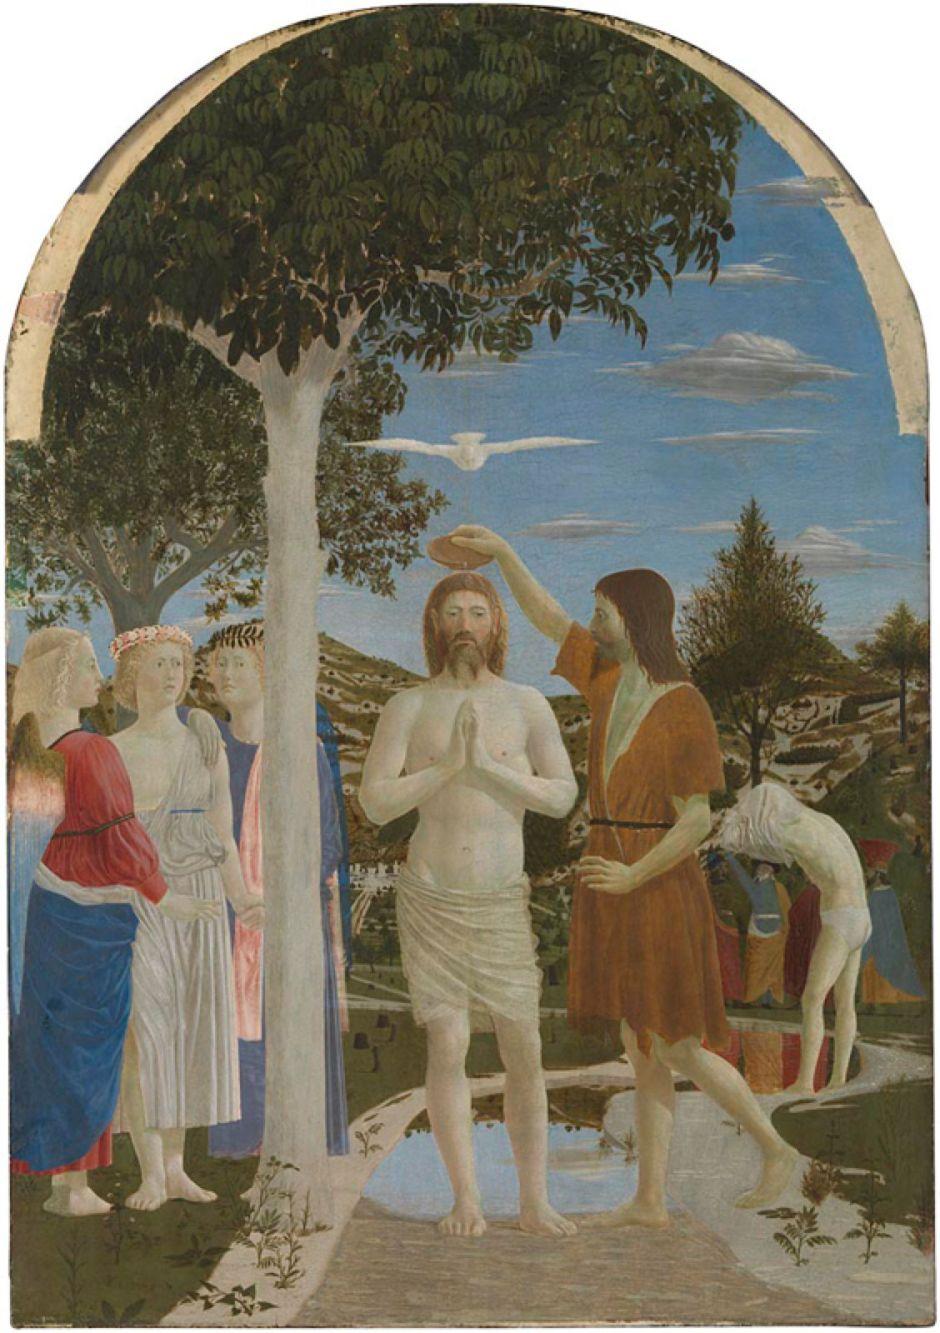 dellafrancescabaptismchrist